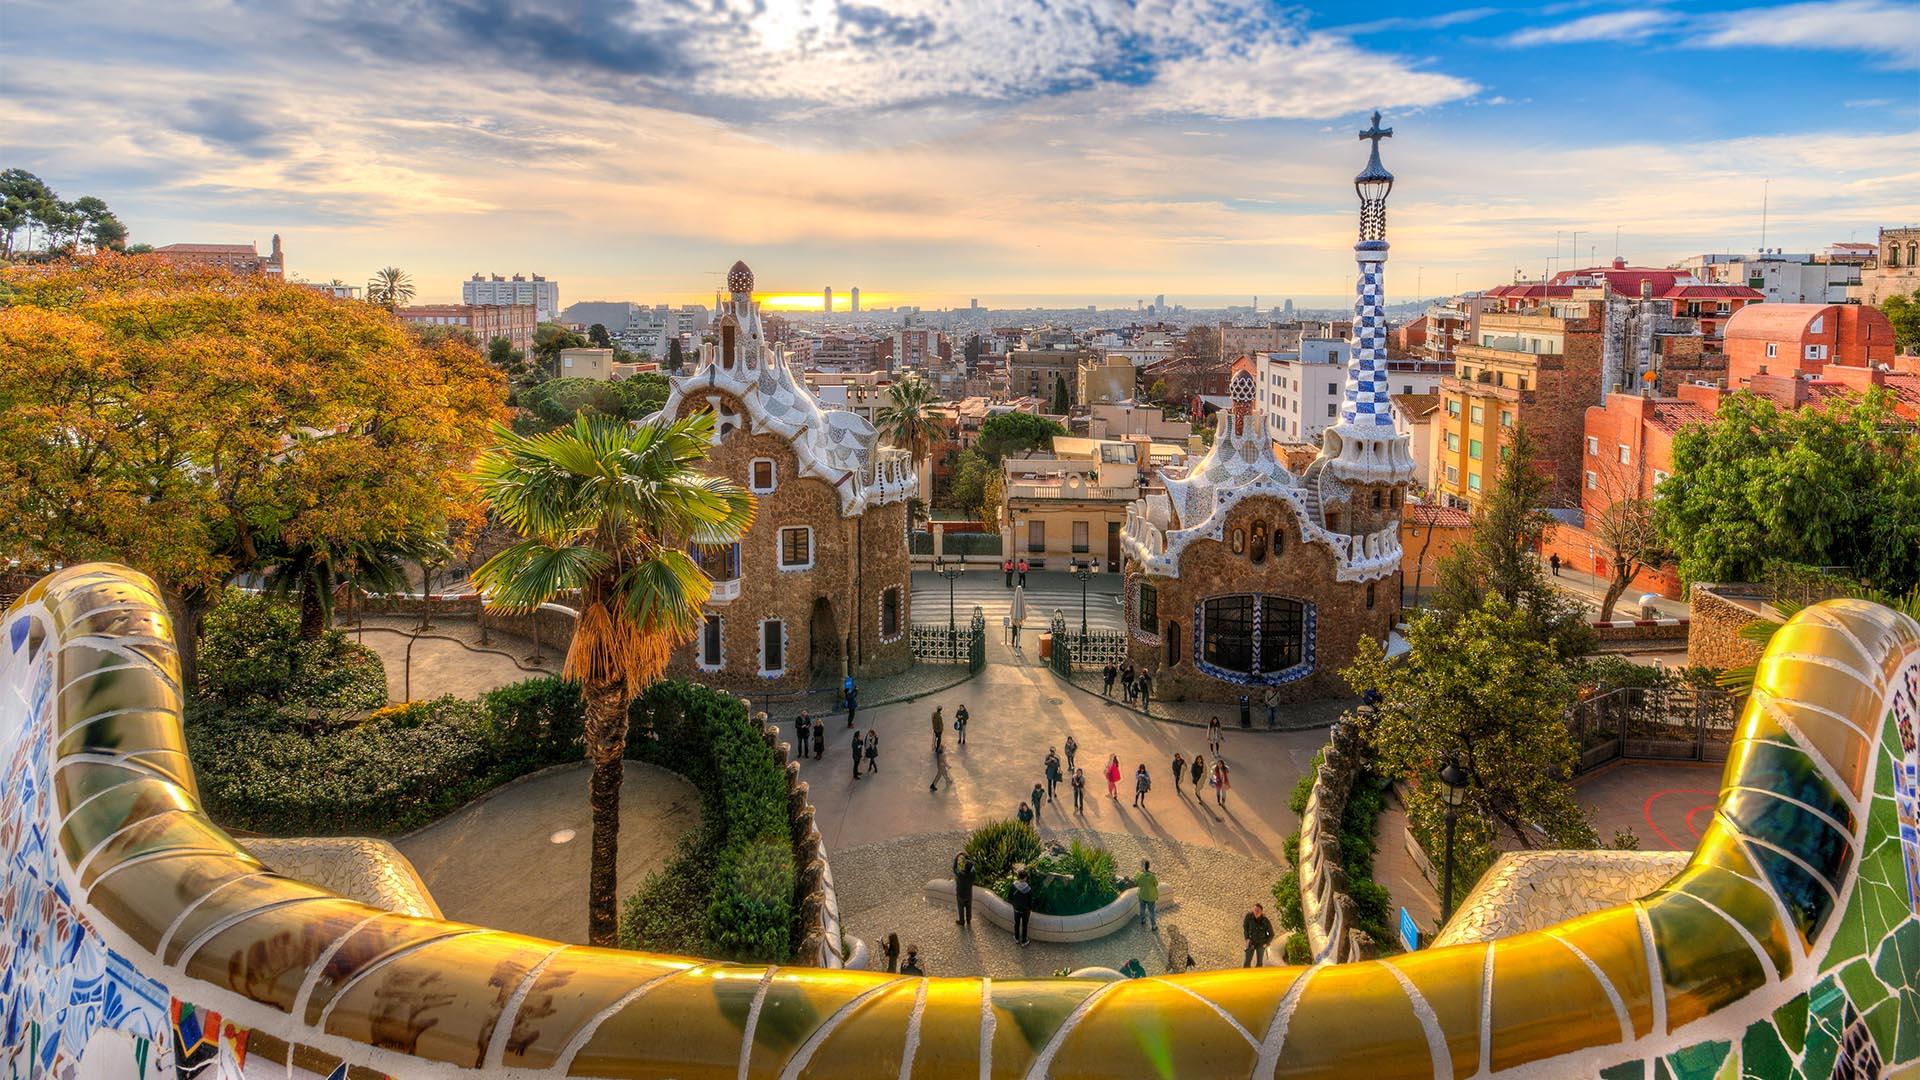 España es uno de los países más seguros de Europa y Barcelona sigue siendo una de las ciudades más deseables de este continente. La mayoría de las áreas se consideran seguras durante el día y la noche